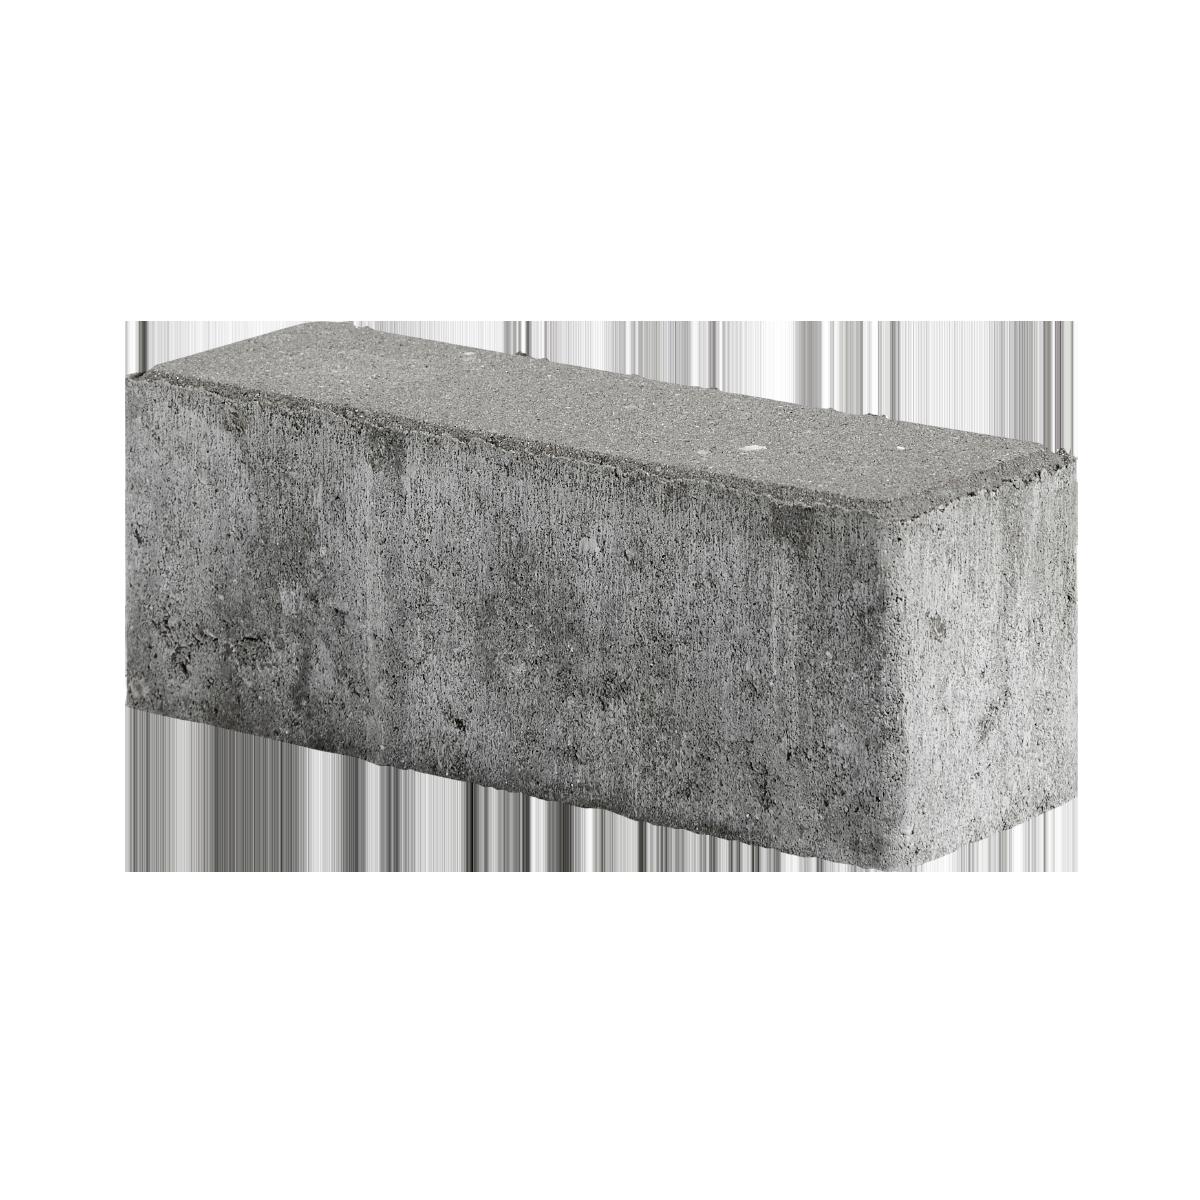 SF-Klostersten® 7x21x7 cm Grå Type 1